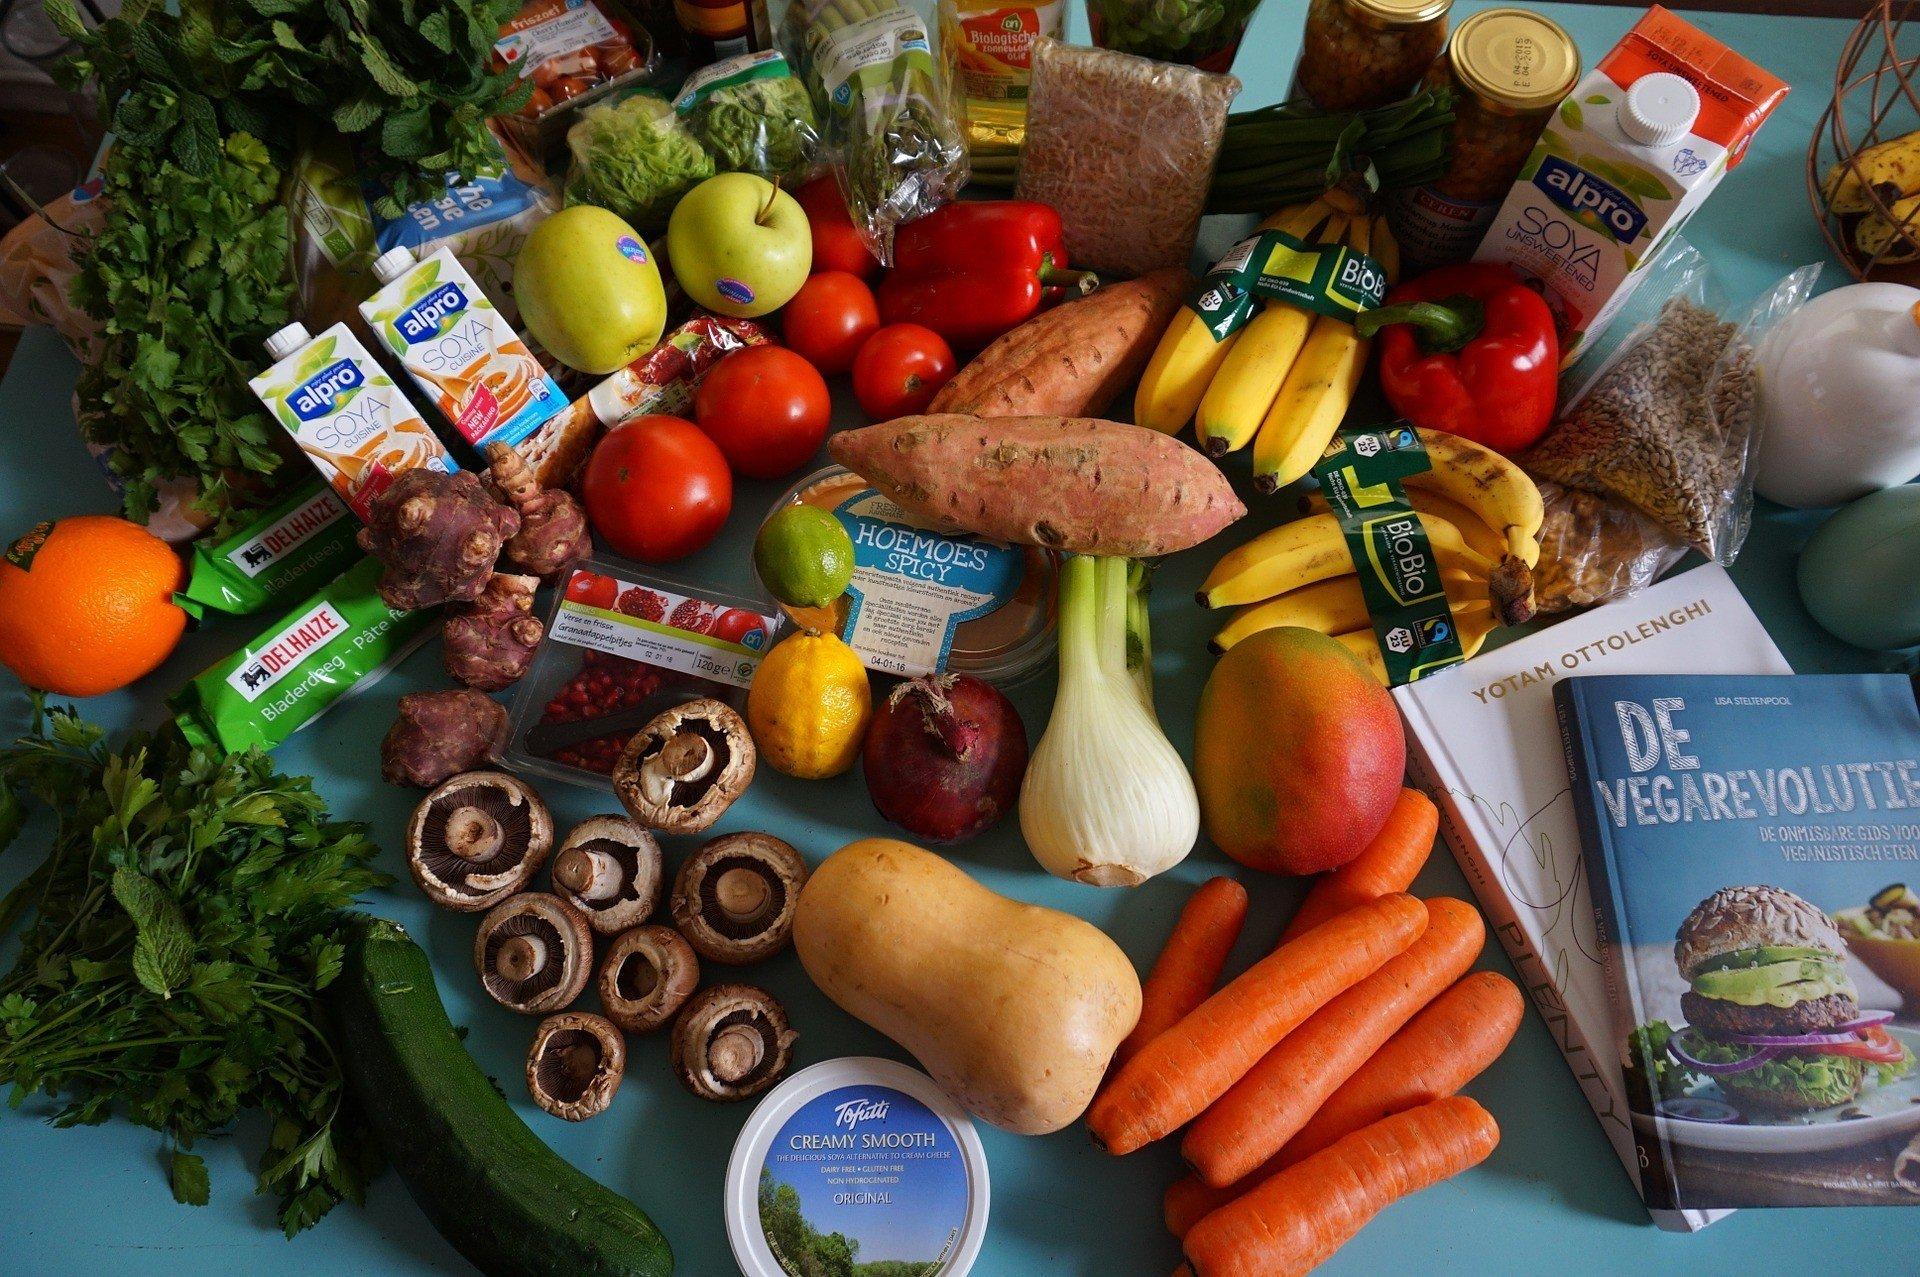 От каких продуктов стоит отказаться на завтрак и почему